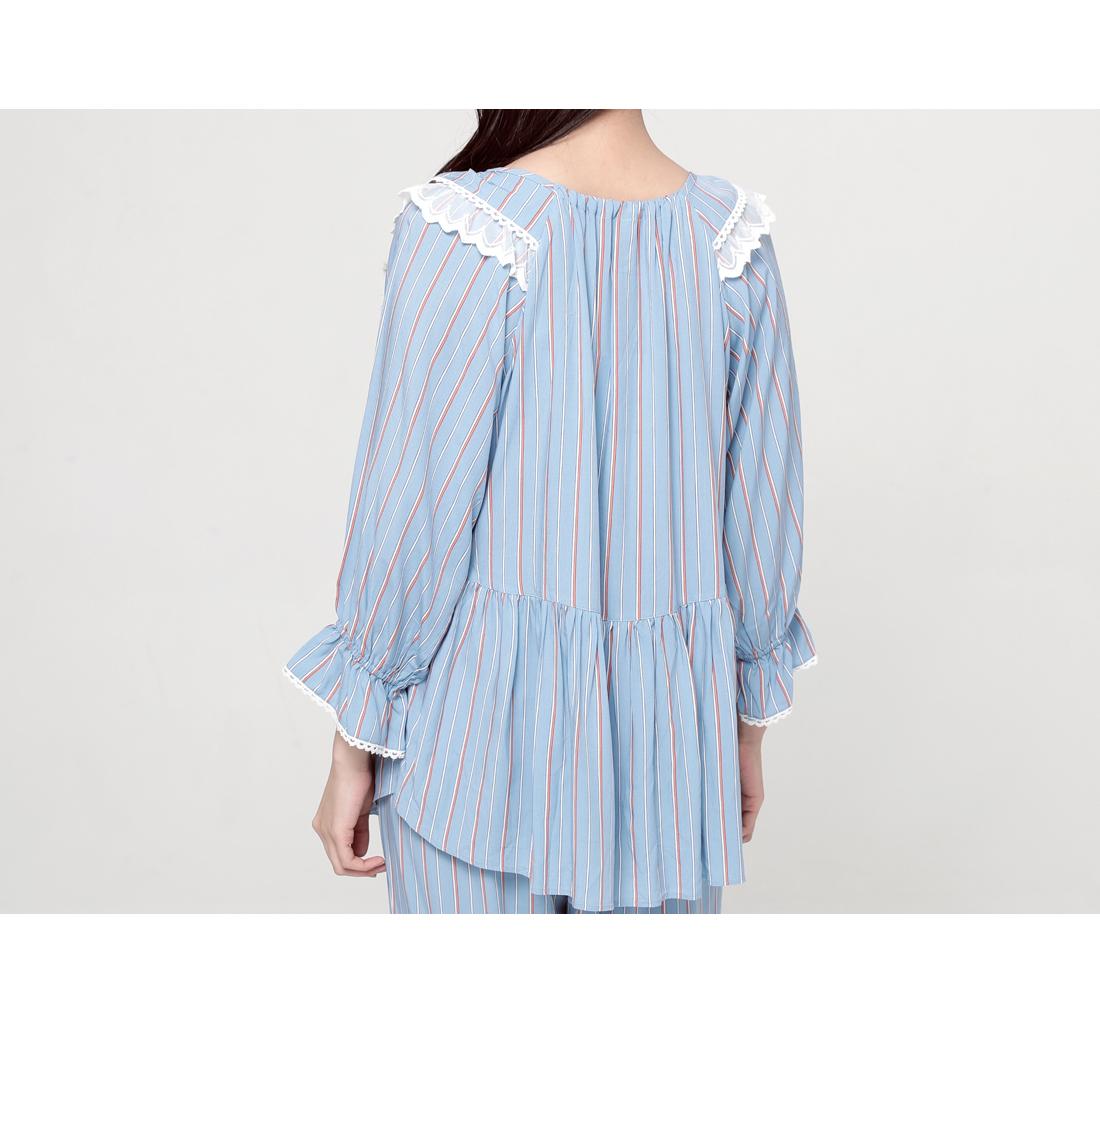 로랑 스트라이프 레이온 여성 파자마 세트 - 바이메이비, 68,400원, 잠옷, 여성파자마